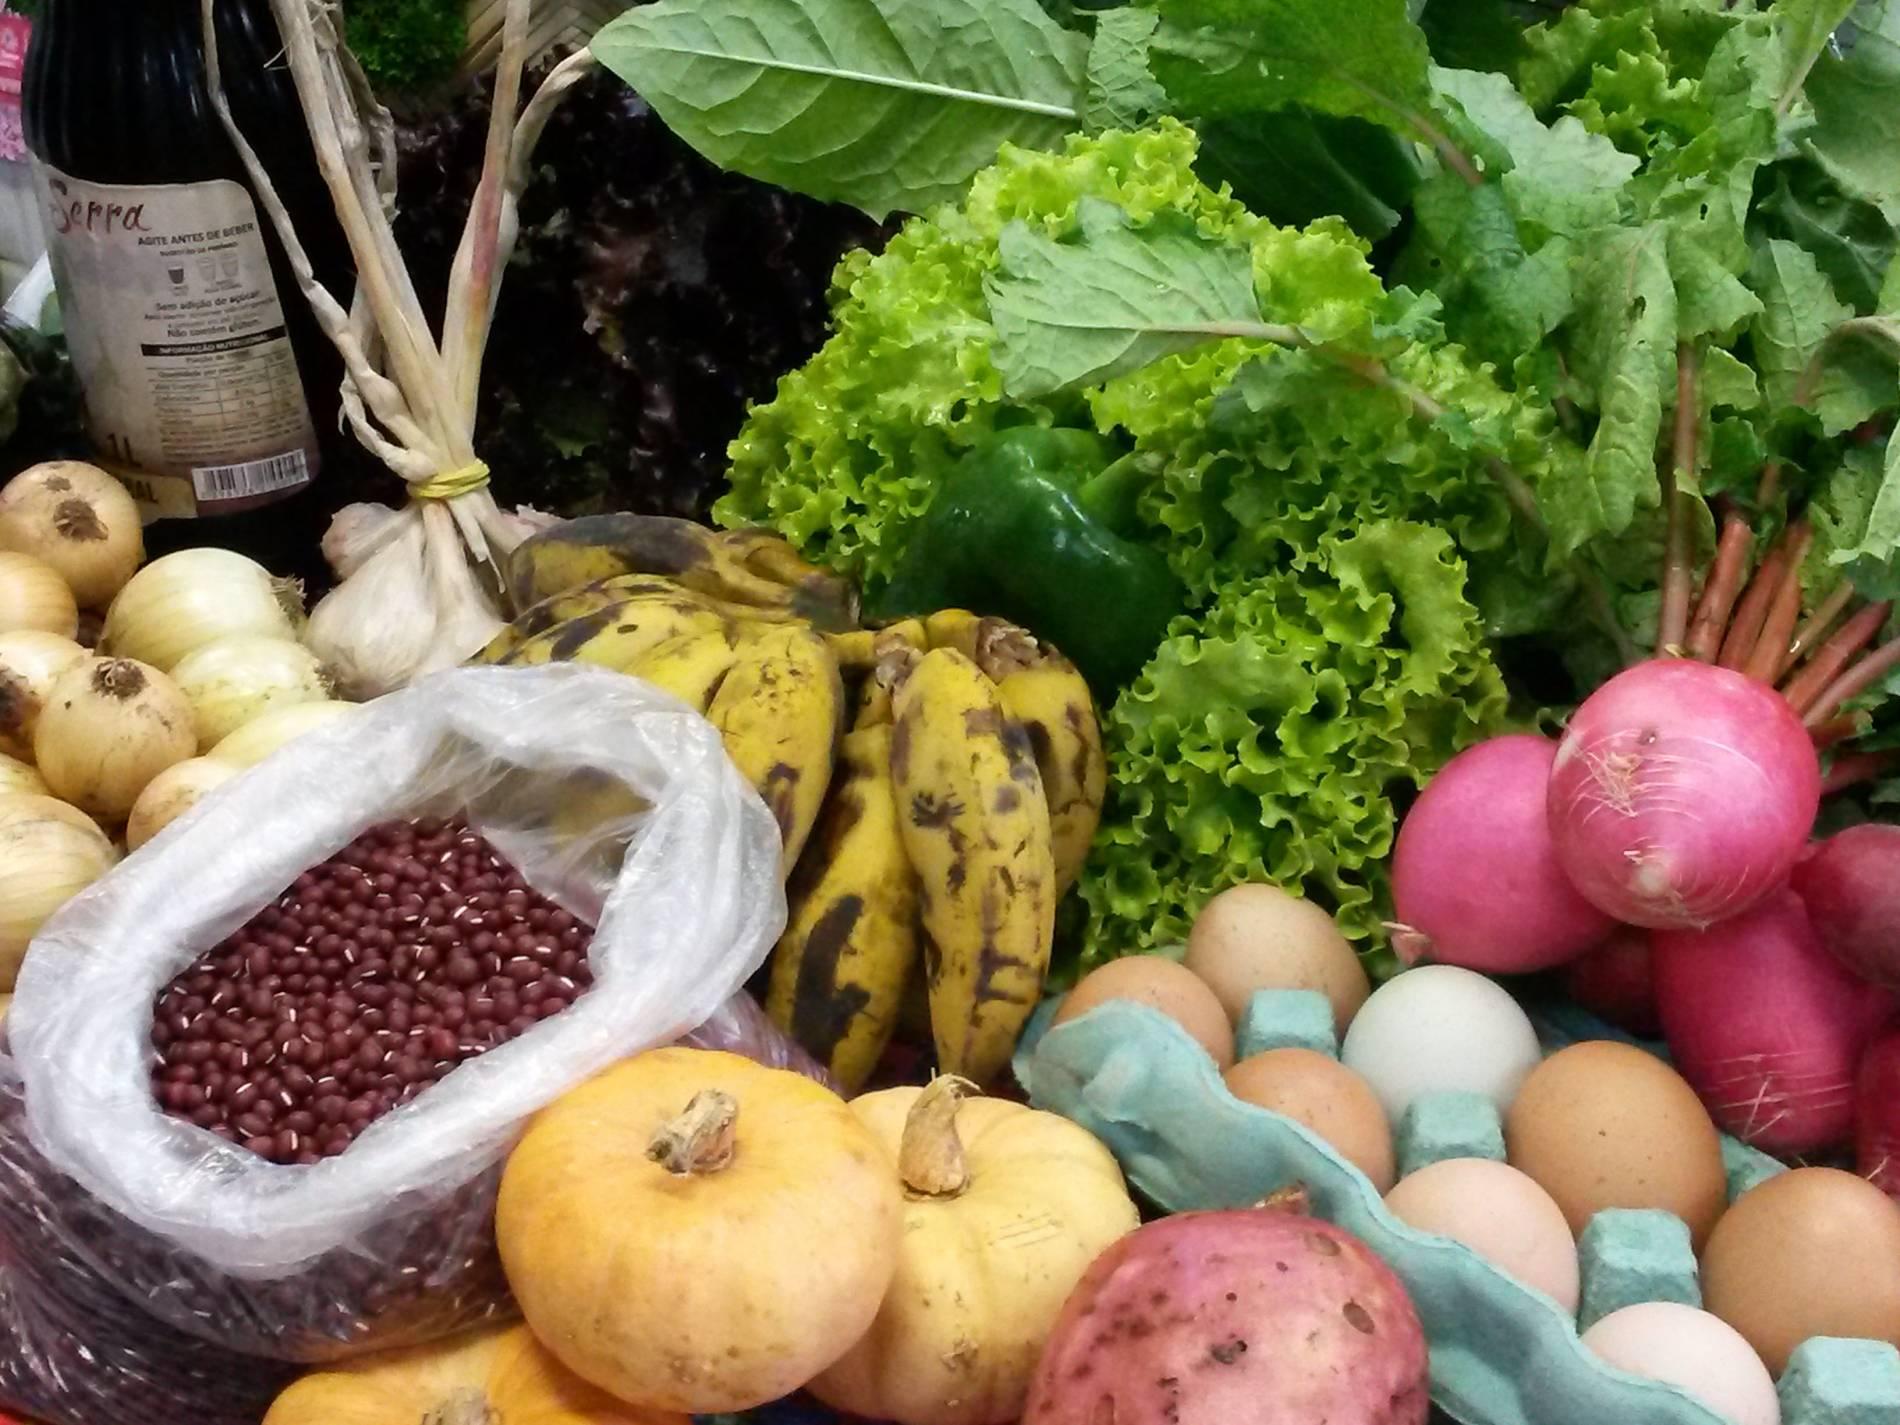 Célula de Consumo Responsável: Alimento bom, limpo e justo